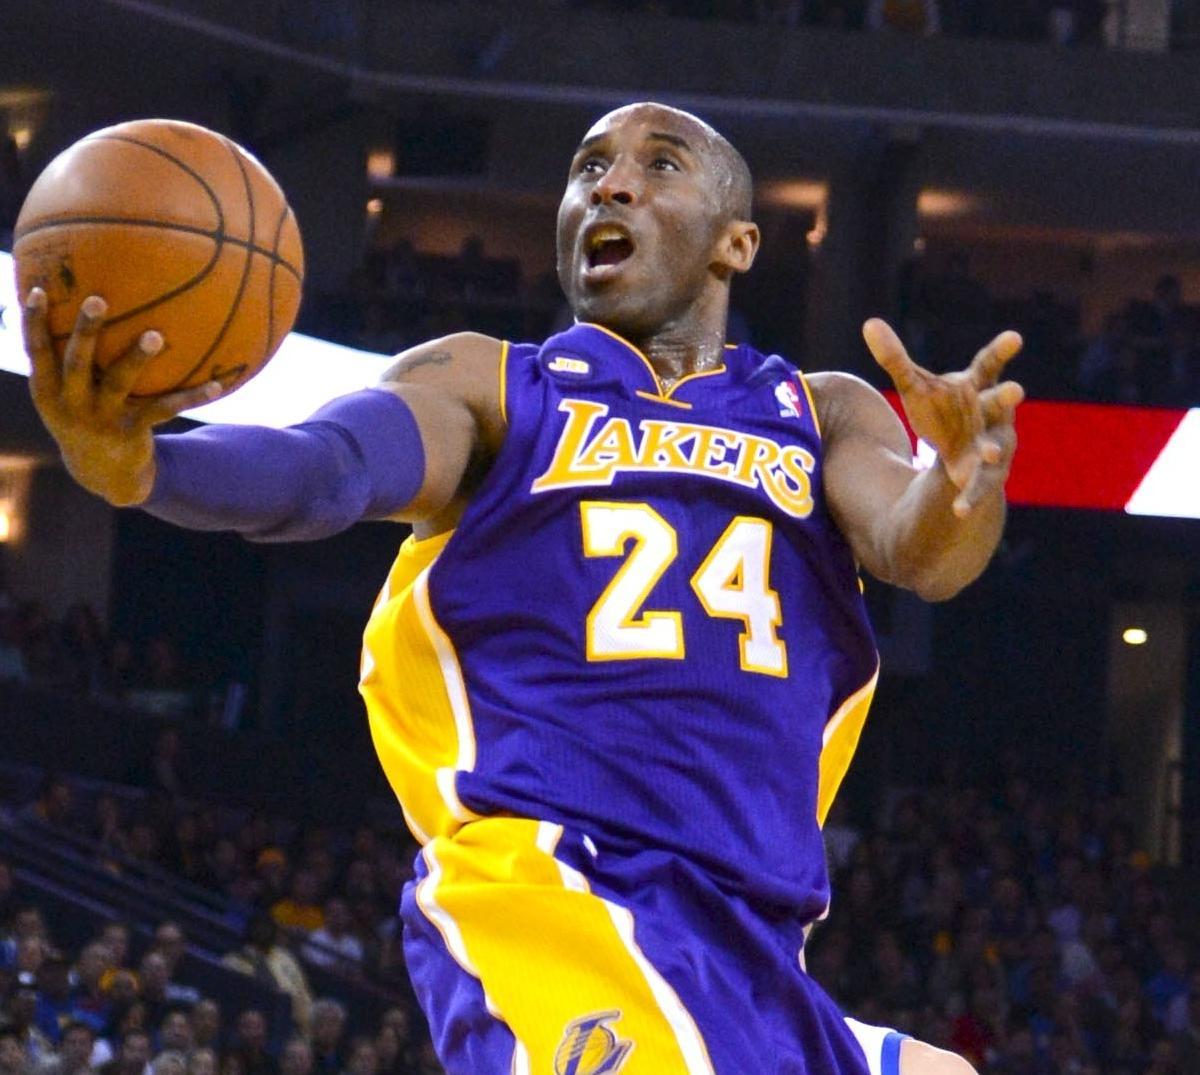 Warriors Vs Nets Full Game Highlights: L.A. Lakers Vs. Minnesota Timberwolves: Live Score